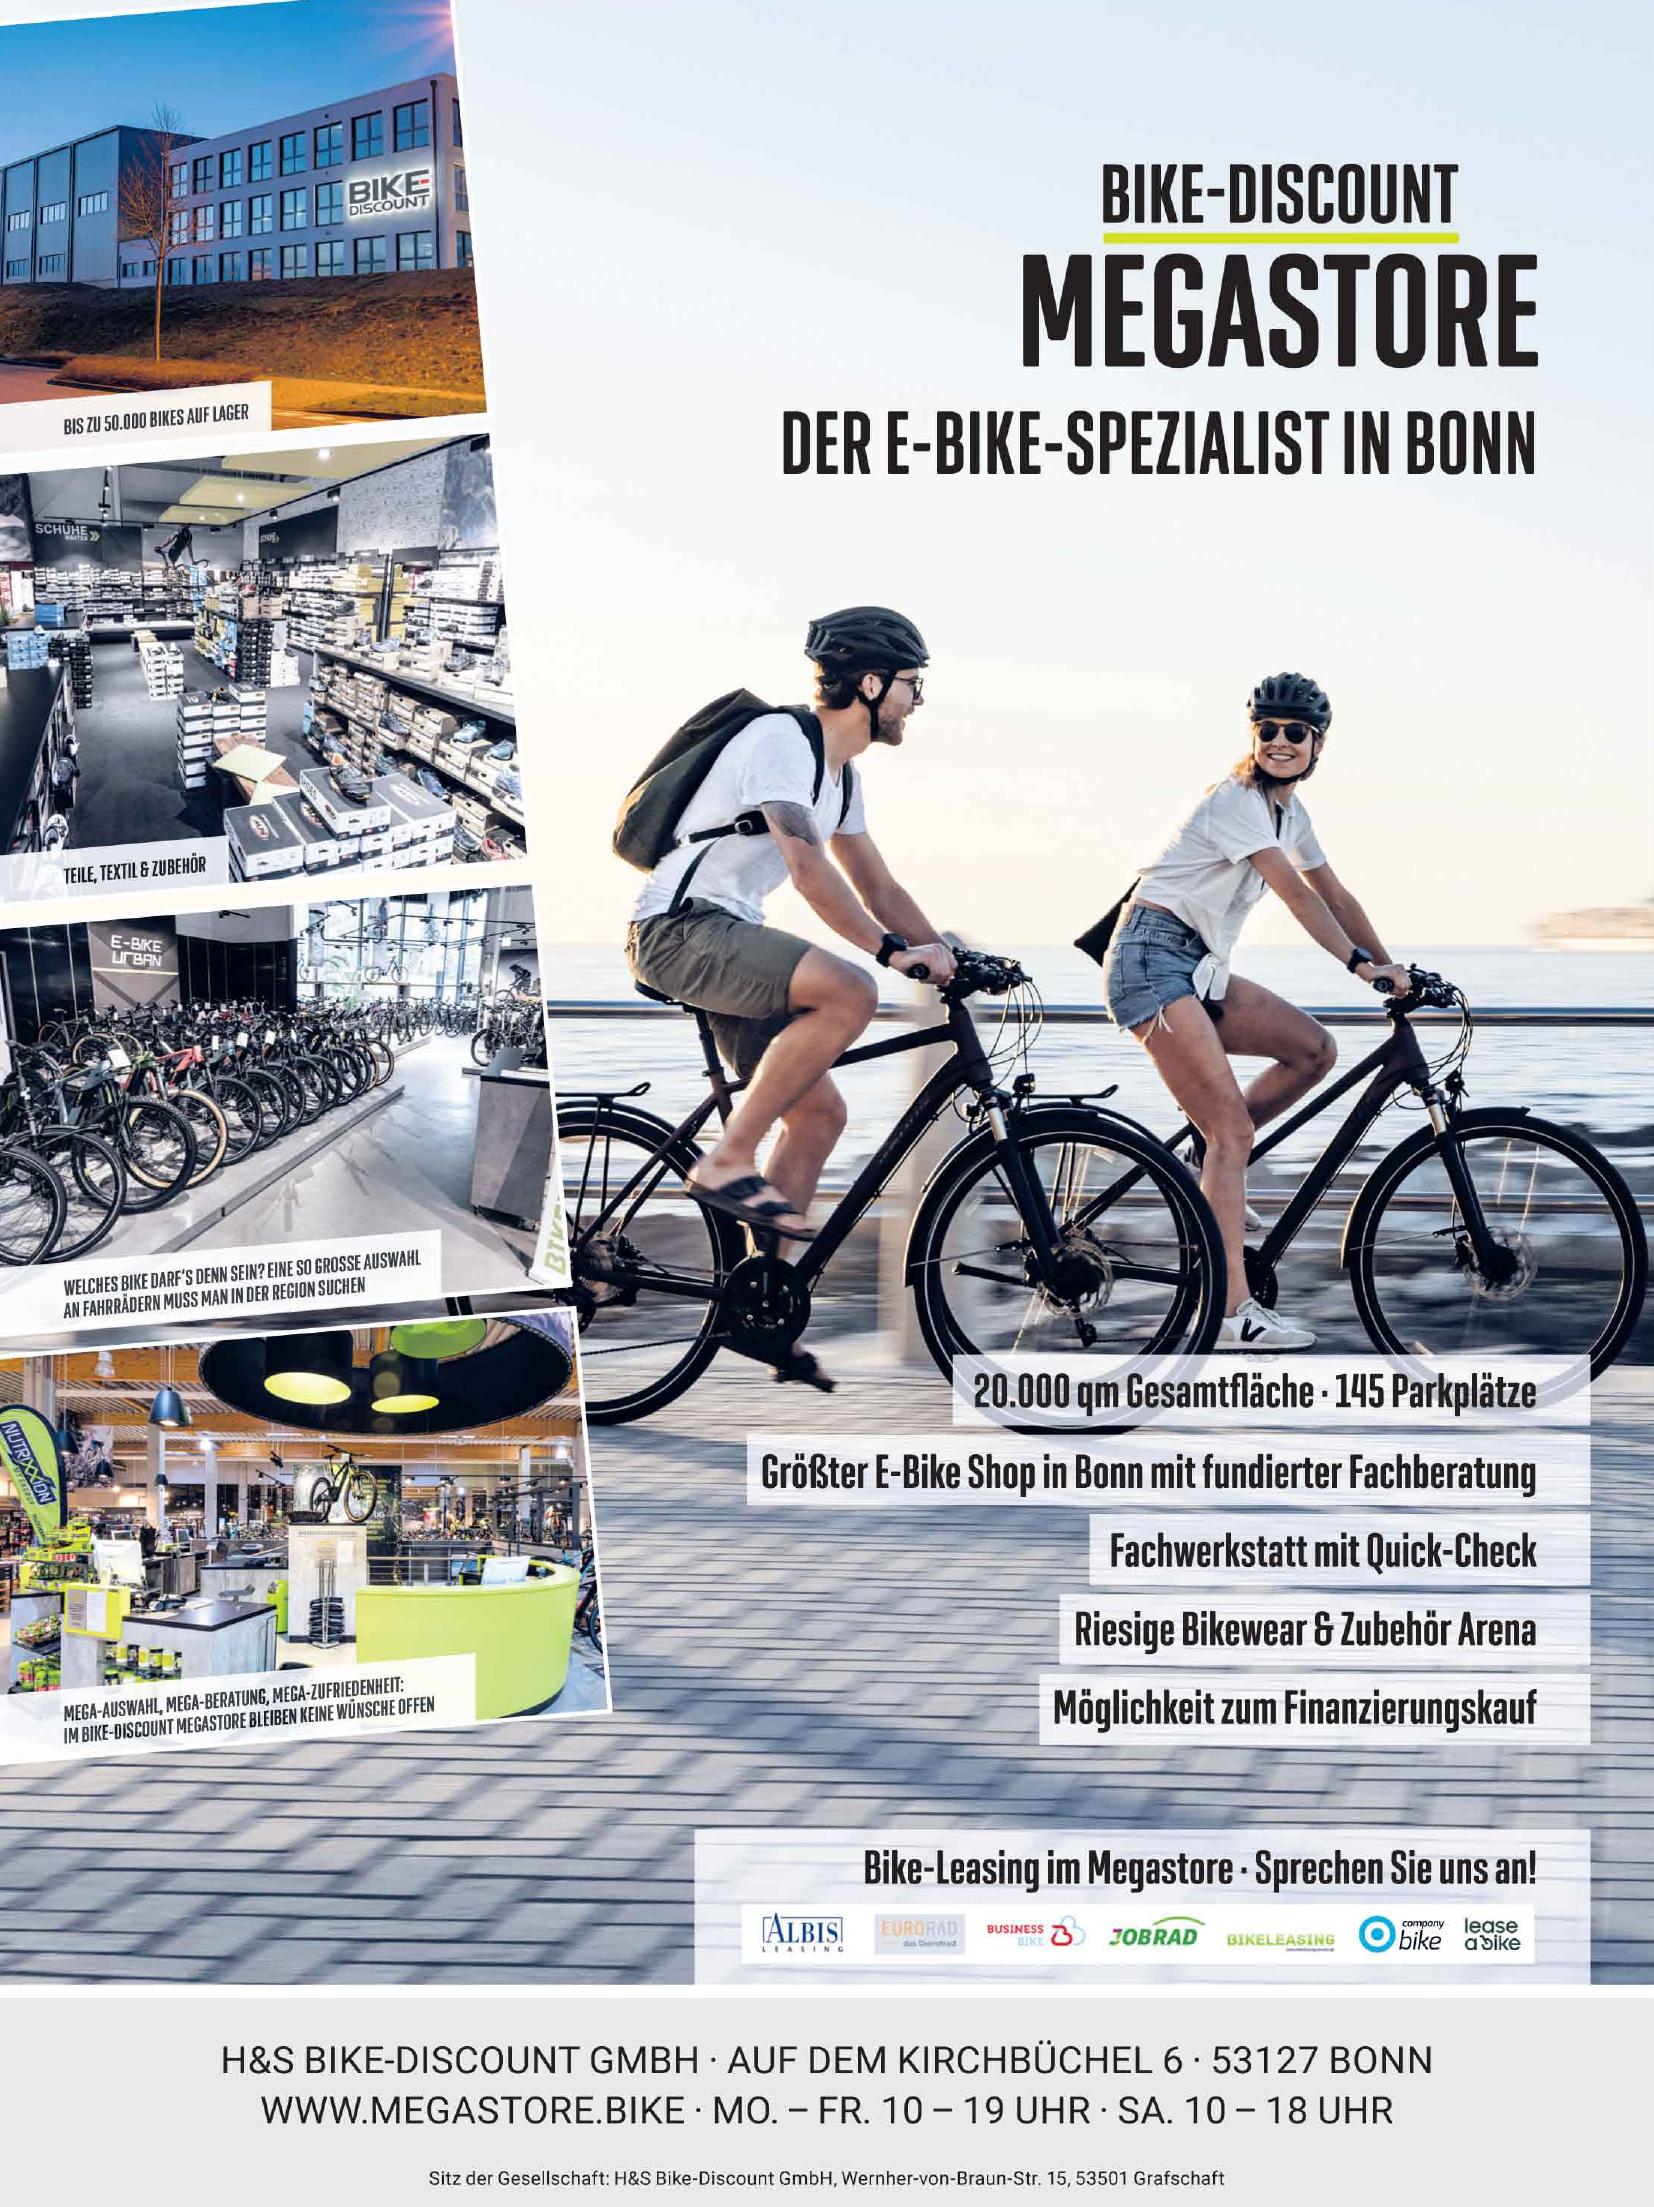 H&S Bike-Discount GmbH